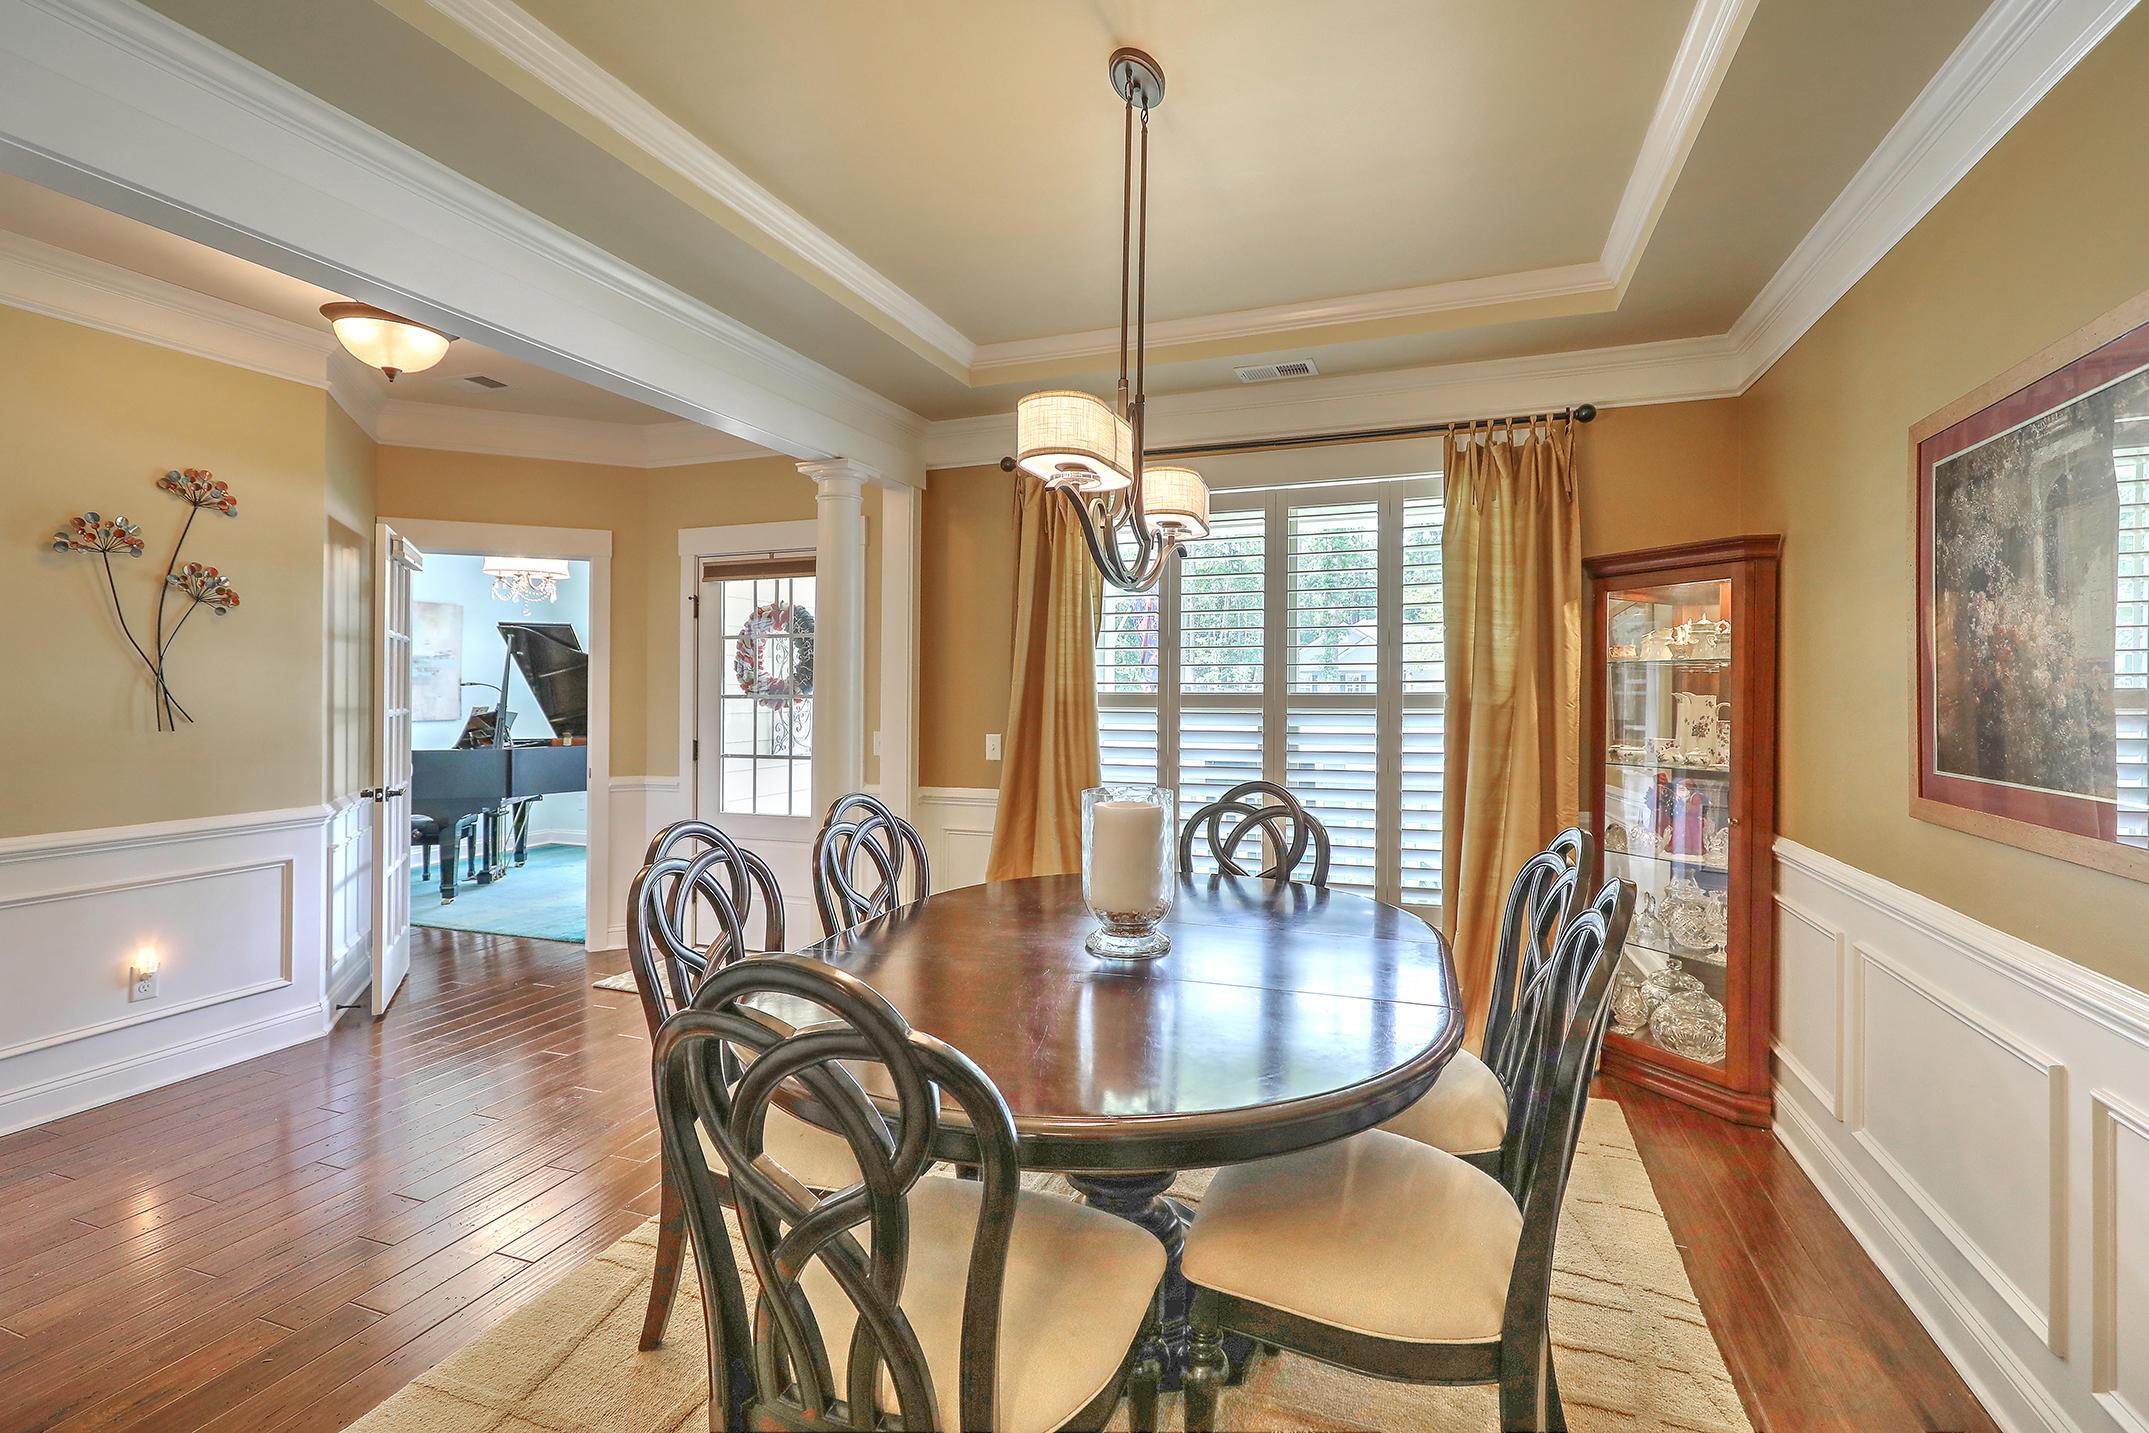 Simmons Grove Homes For Sale - 211 President, Summerville, SC - 10